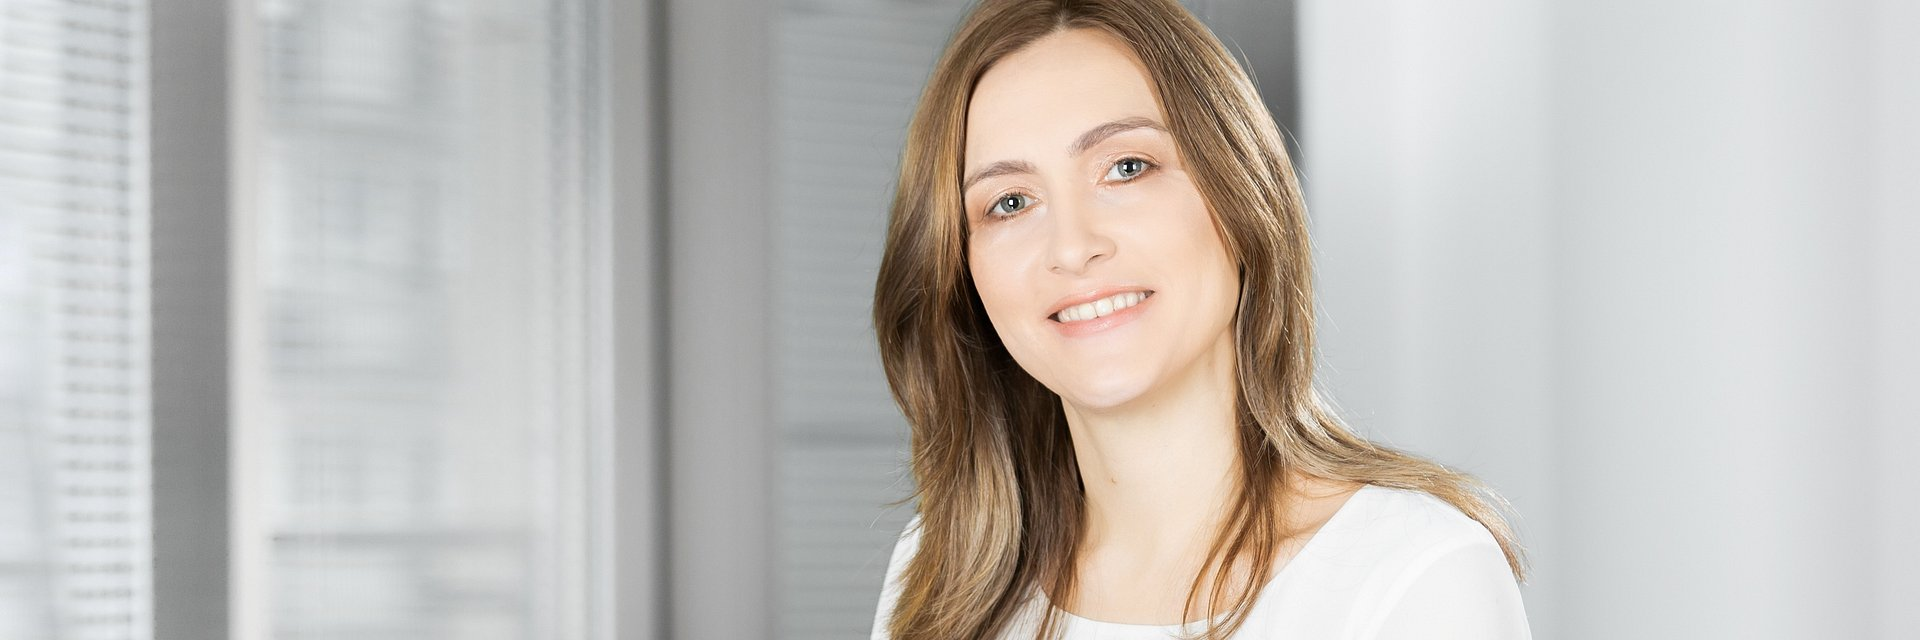 Magdalena Macko-Gizińska członkiem zarządu ds. relacji z klientami w Nationale-Nederlanden